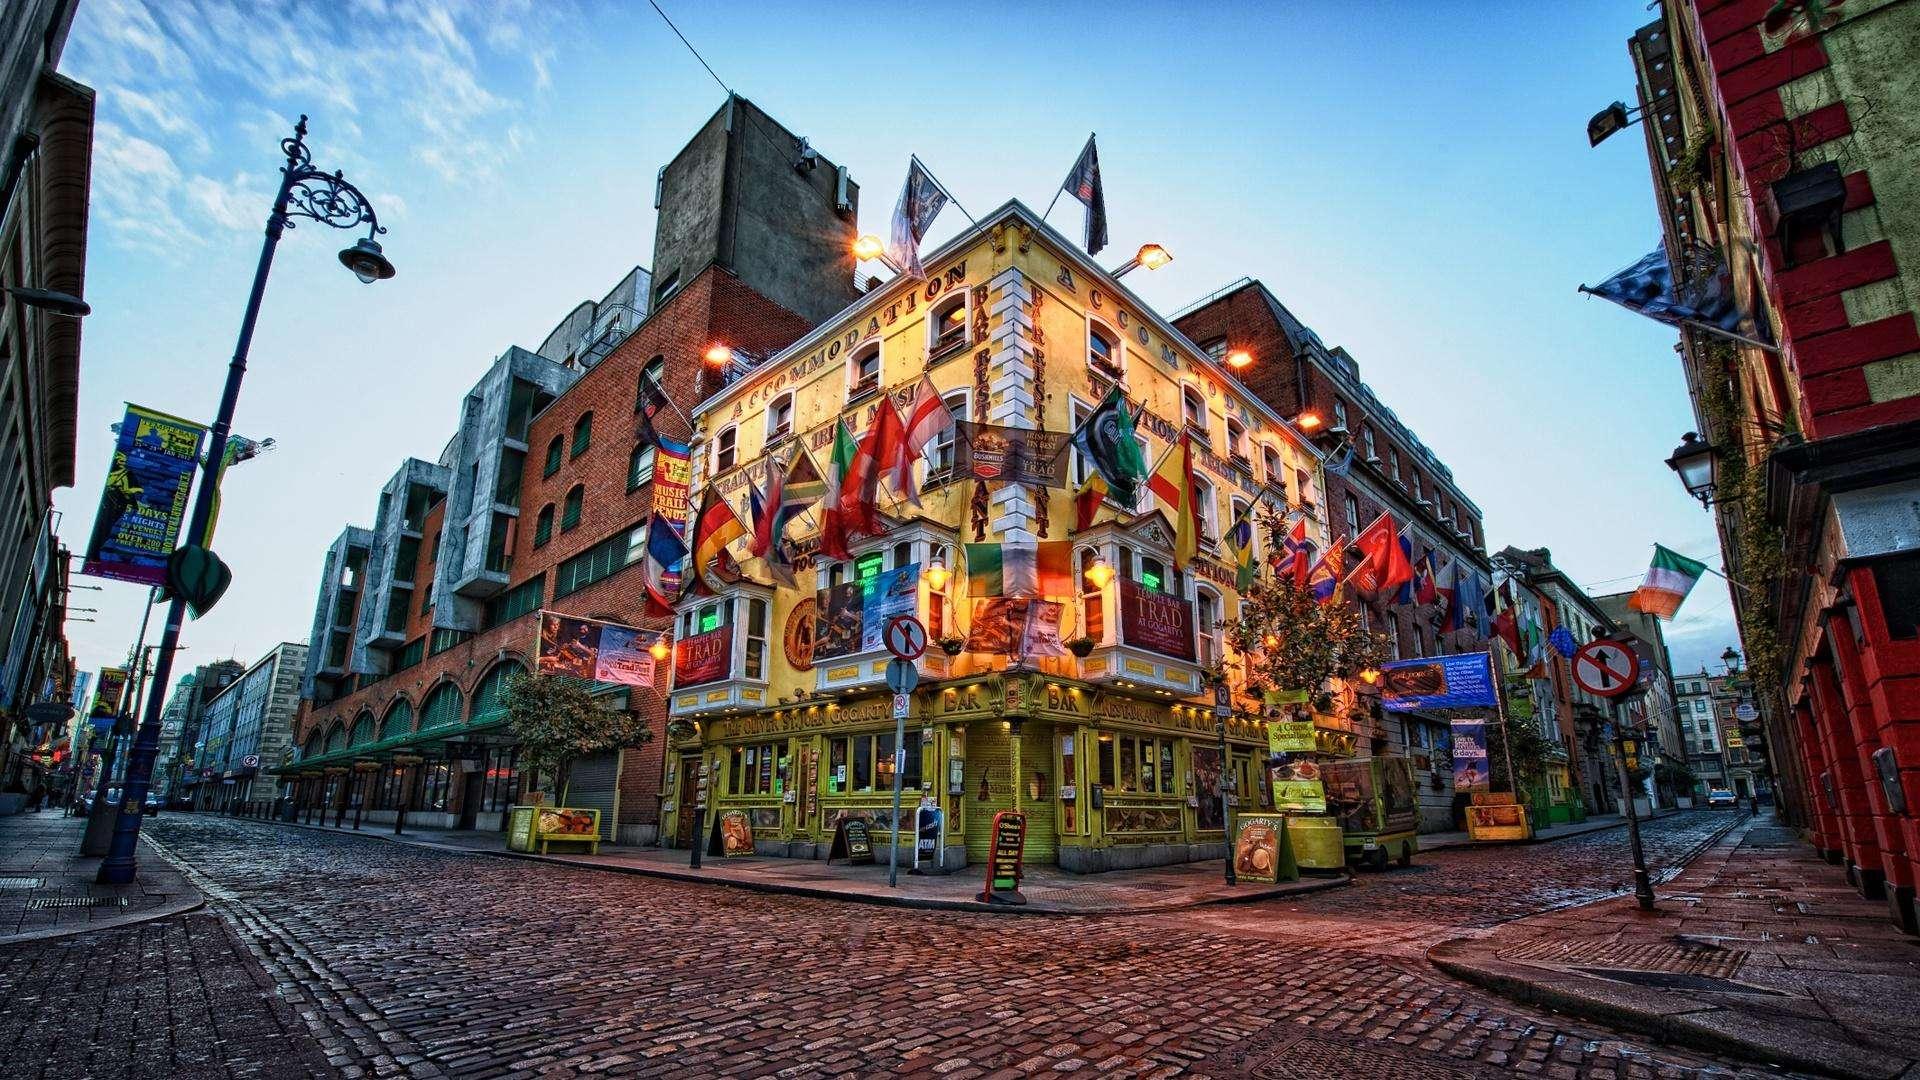 爱尔兰文化和娱乐,享受生活从移民爱尔兰开始!